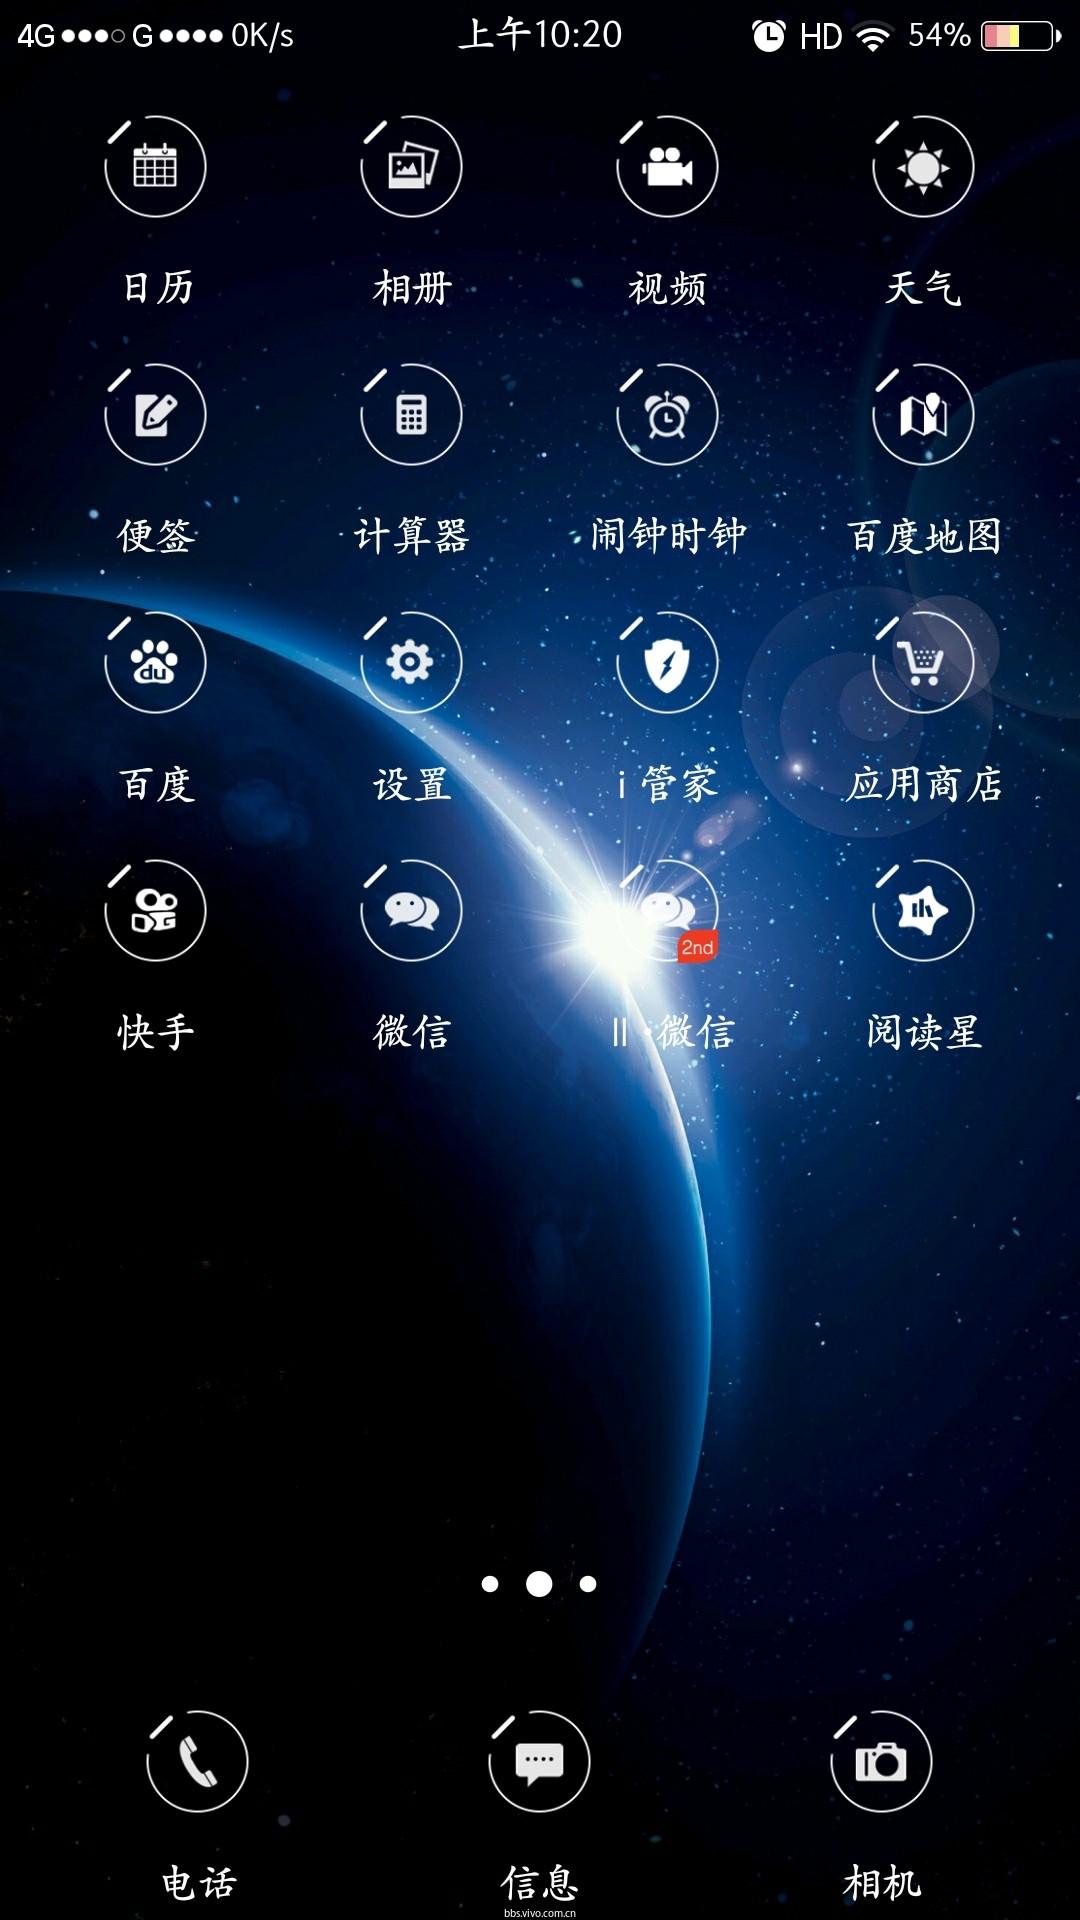 x9简约全图标(圆点信号 彩虹电量 闪充电池 透明状态栏)